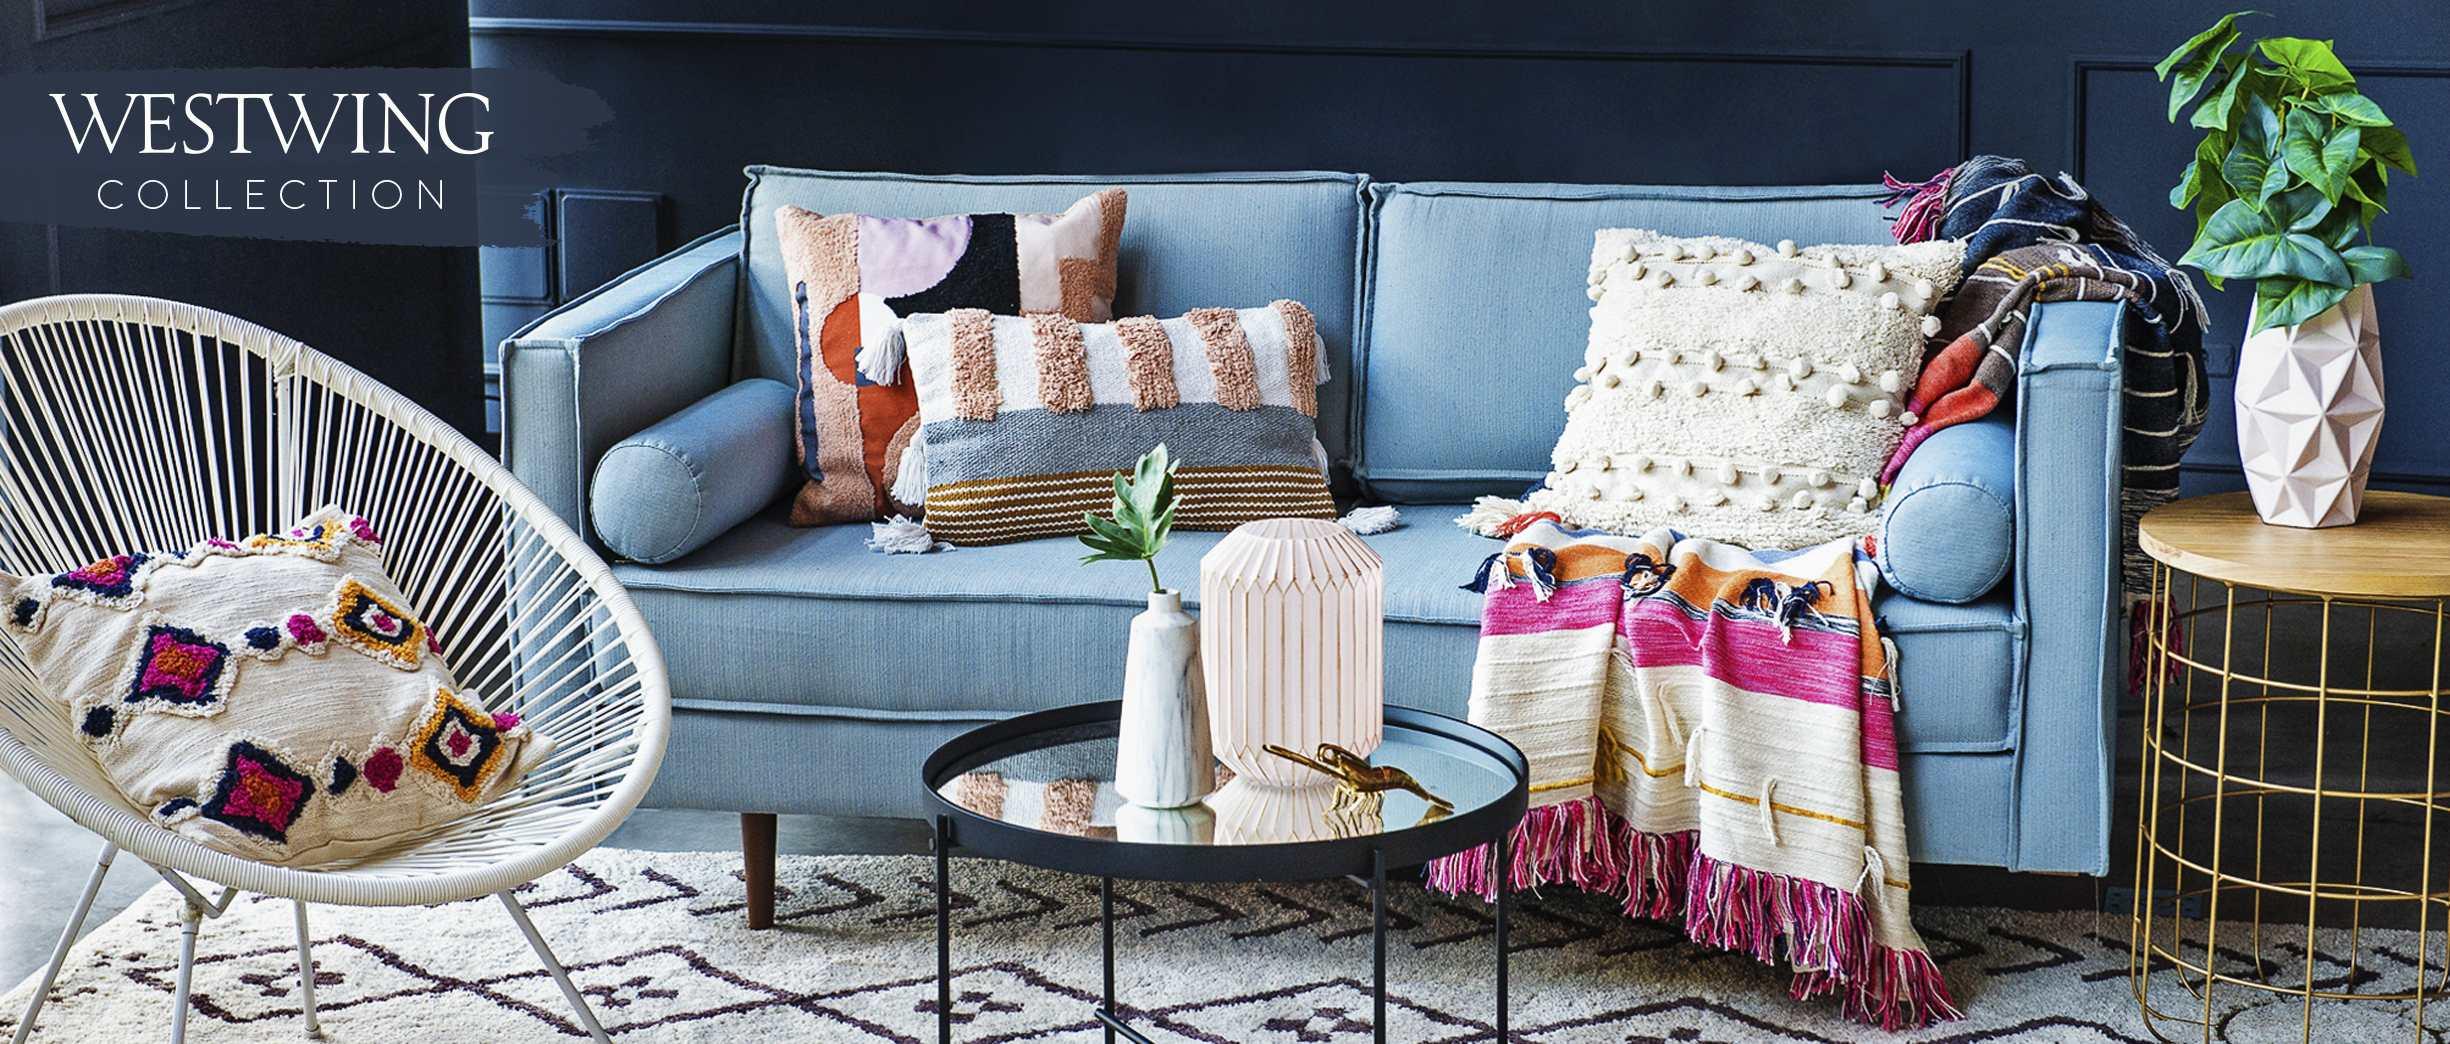 móveis Westwing com cadeiras, almofadas, mantas e objetos de decoração | Westwing.com.br